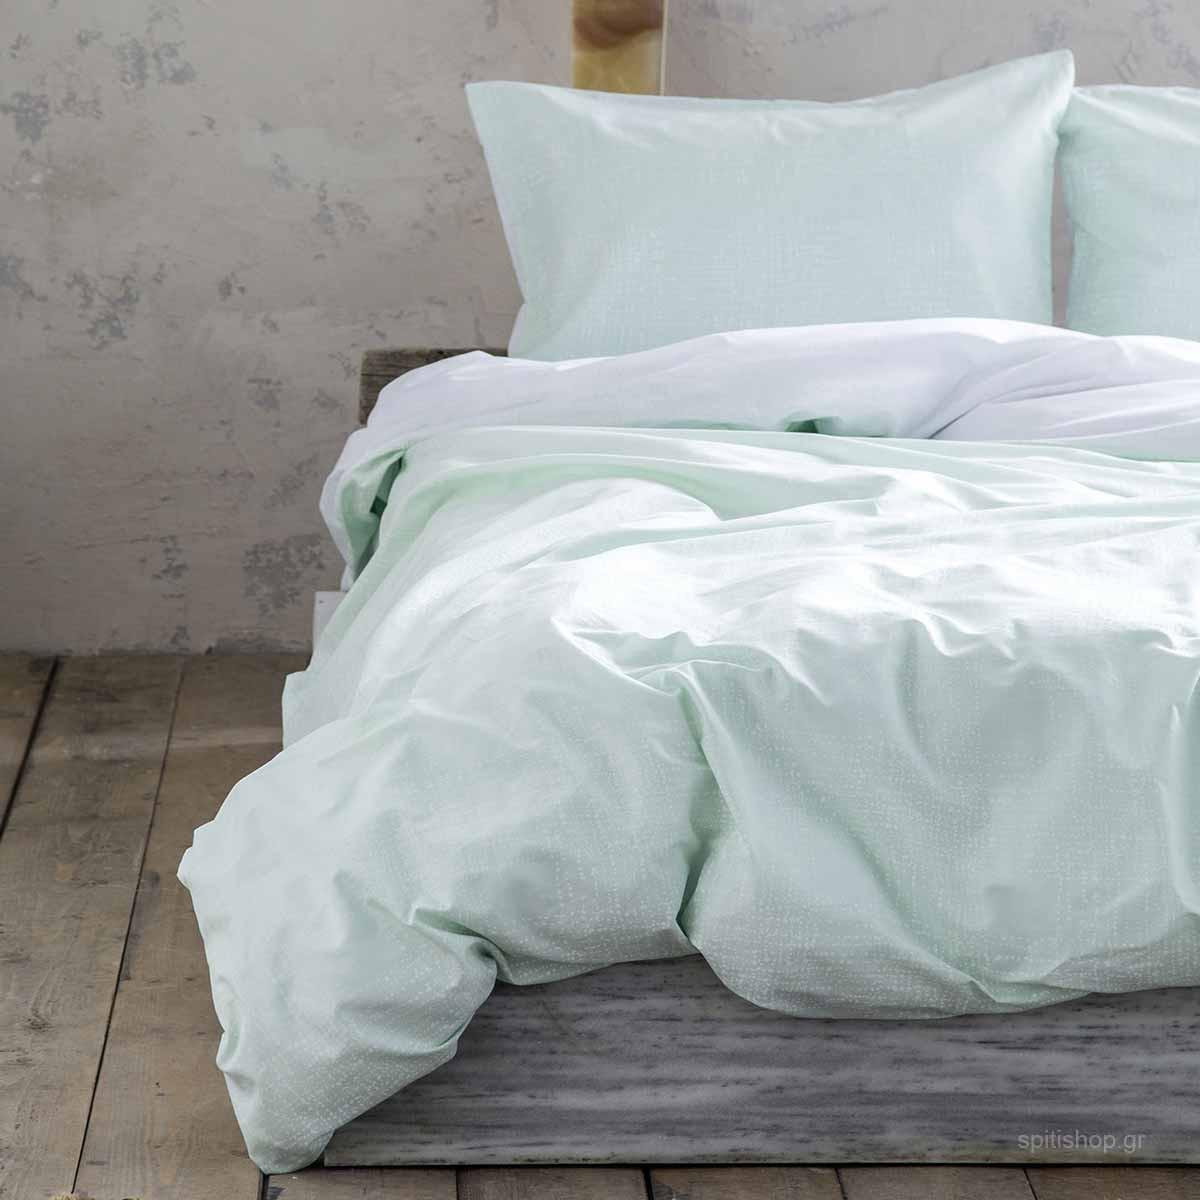 Σεντόνια Υπέρδιπλα (Σετ) Nima Bed Linen Loom Mint ΧΩΡΙΣ ΛΑΣΤΙΧΟ ΧΩΡΙΣ ΛΑΣΤΙΧΟ